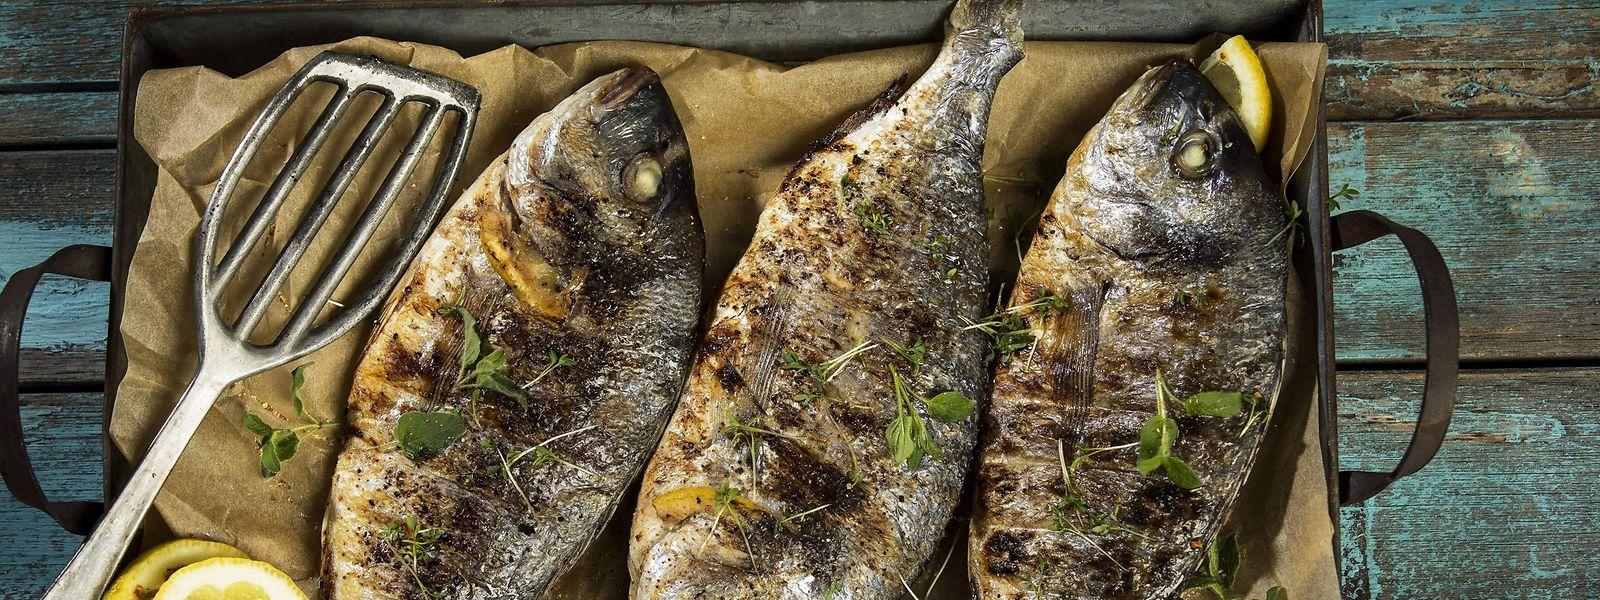 Fisch ist sowohl in der Mittelmeerküche als auch in der nordischen Küche zuhause.